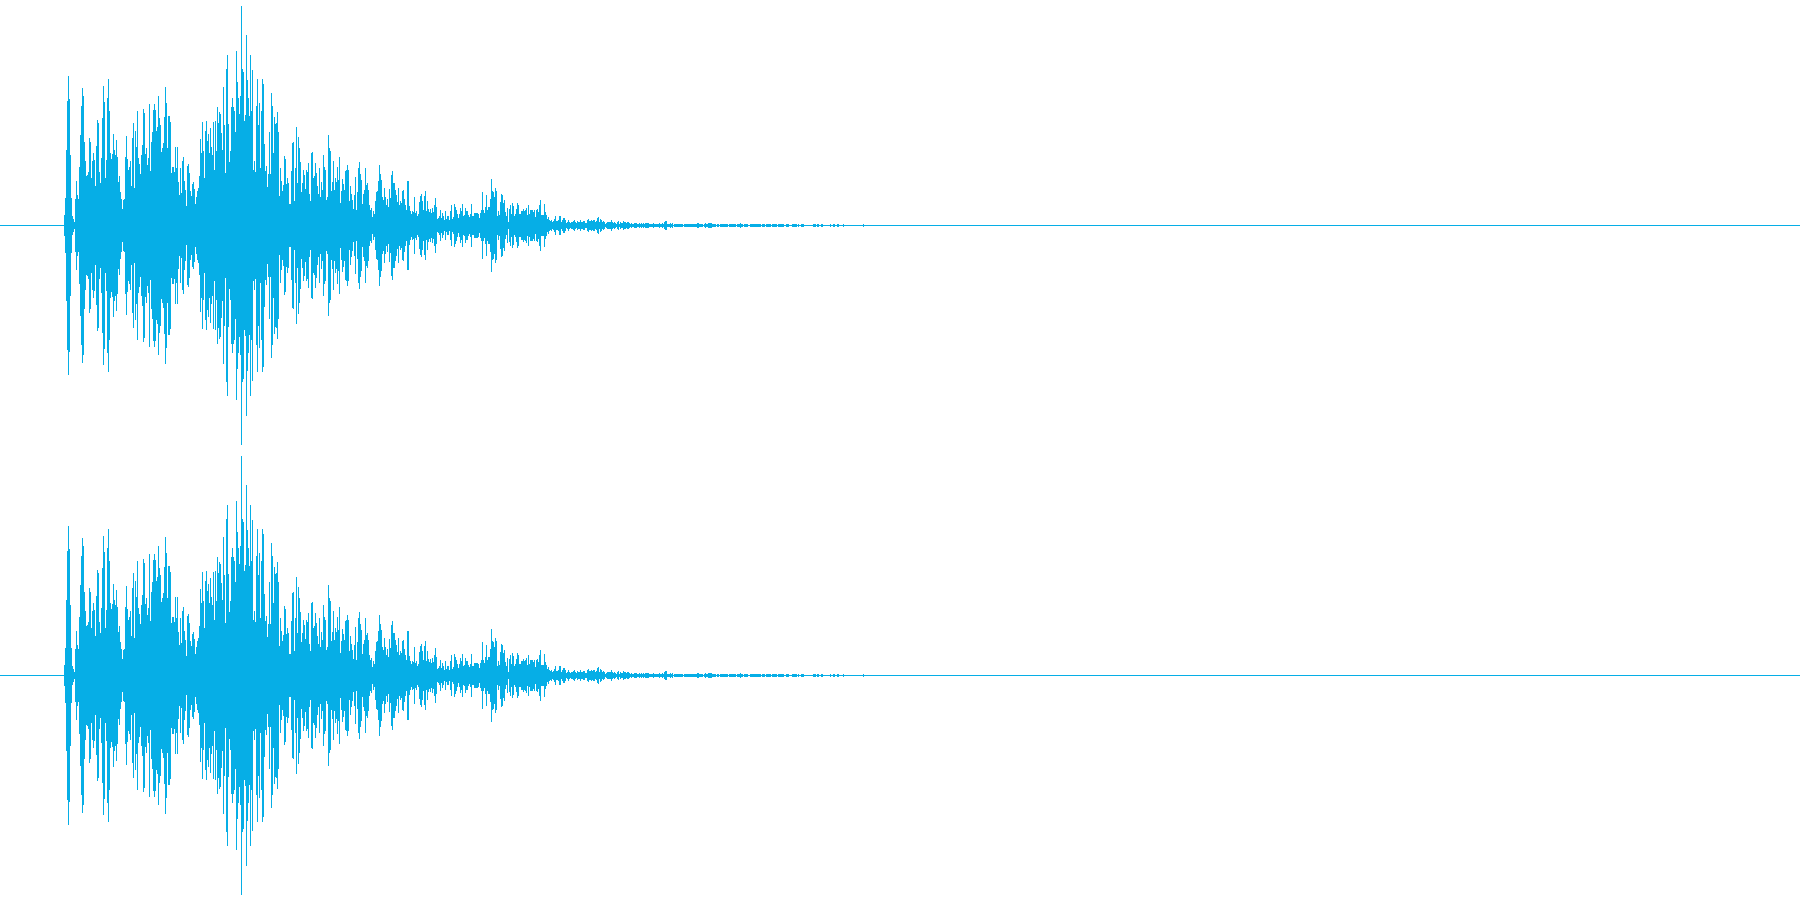 ンギュ(電子音)の再生済みの波形